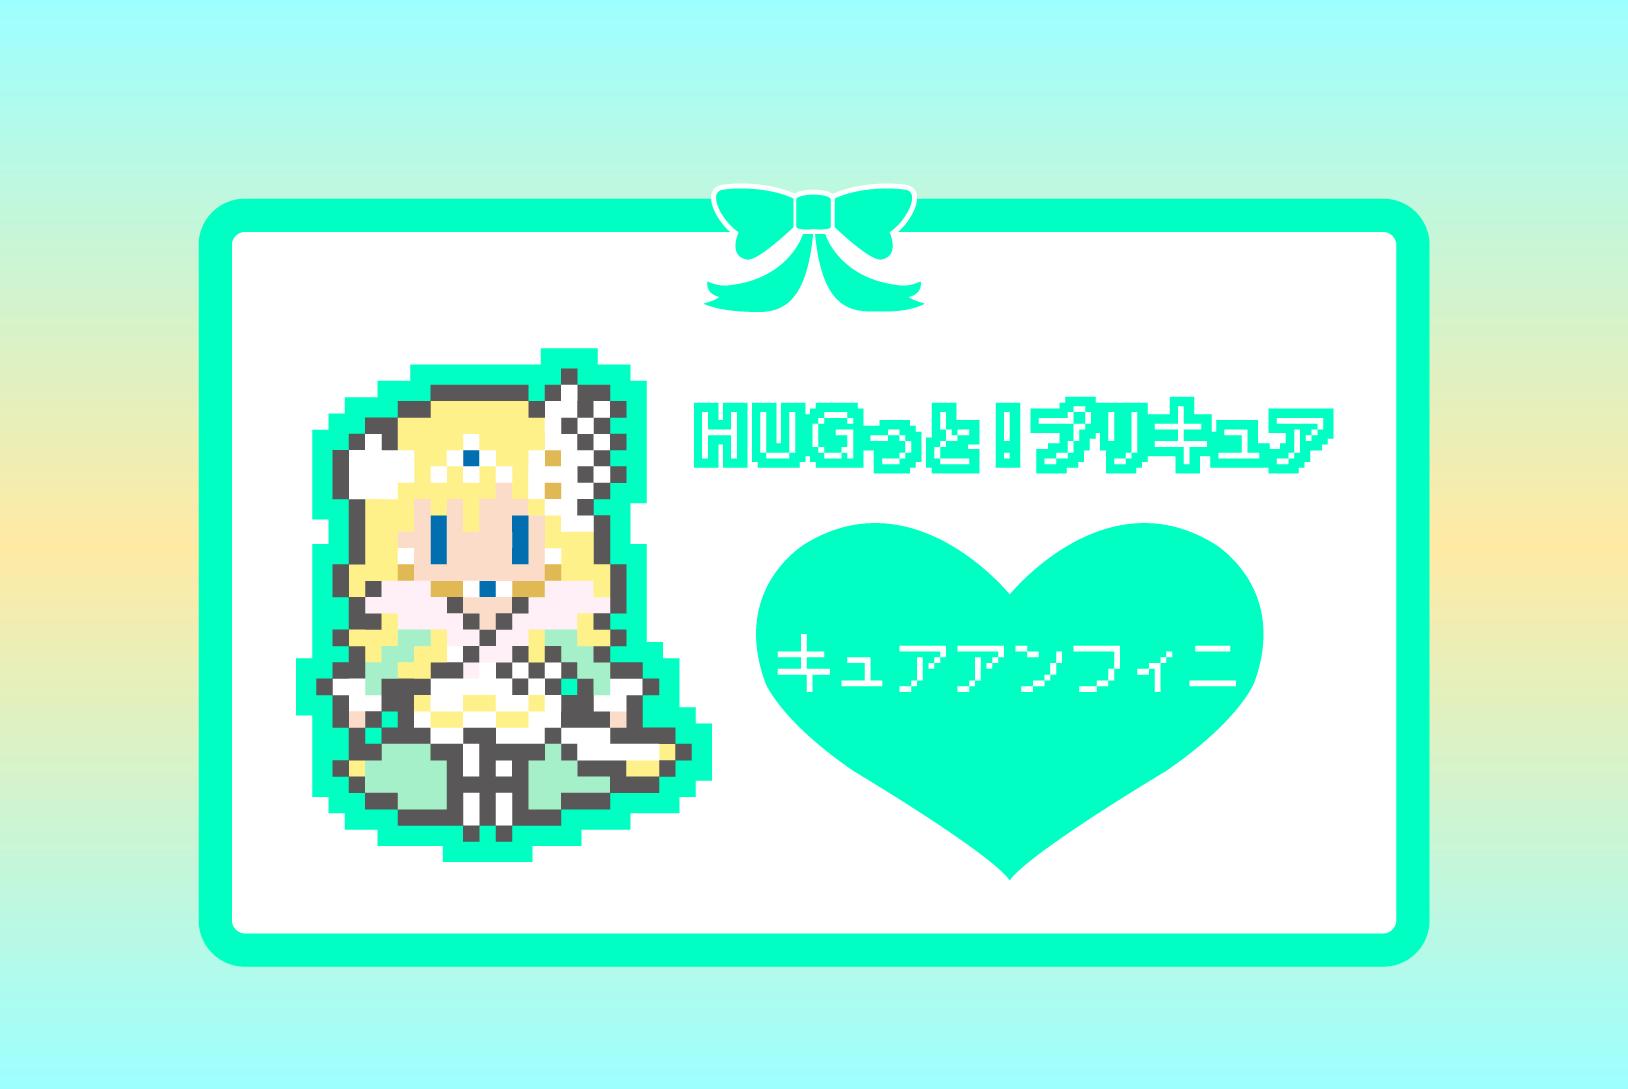 【HUGっと!プリキュア】キュアアンフィニのアイロンビーズ図案